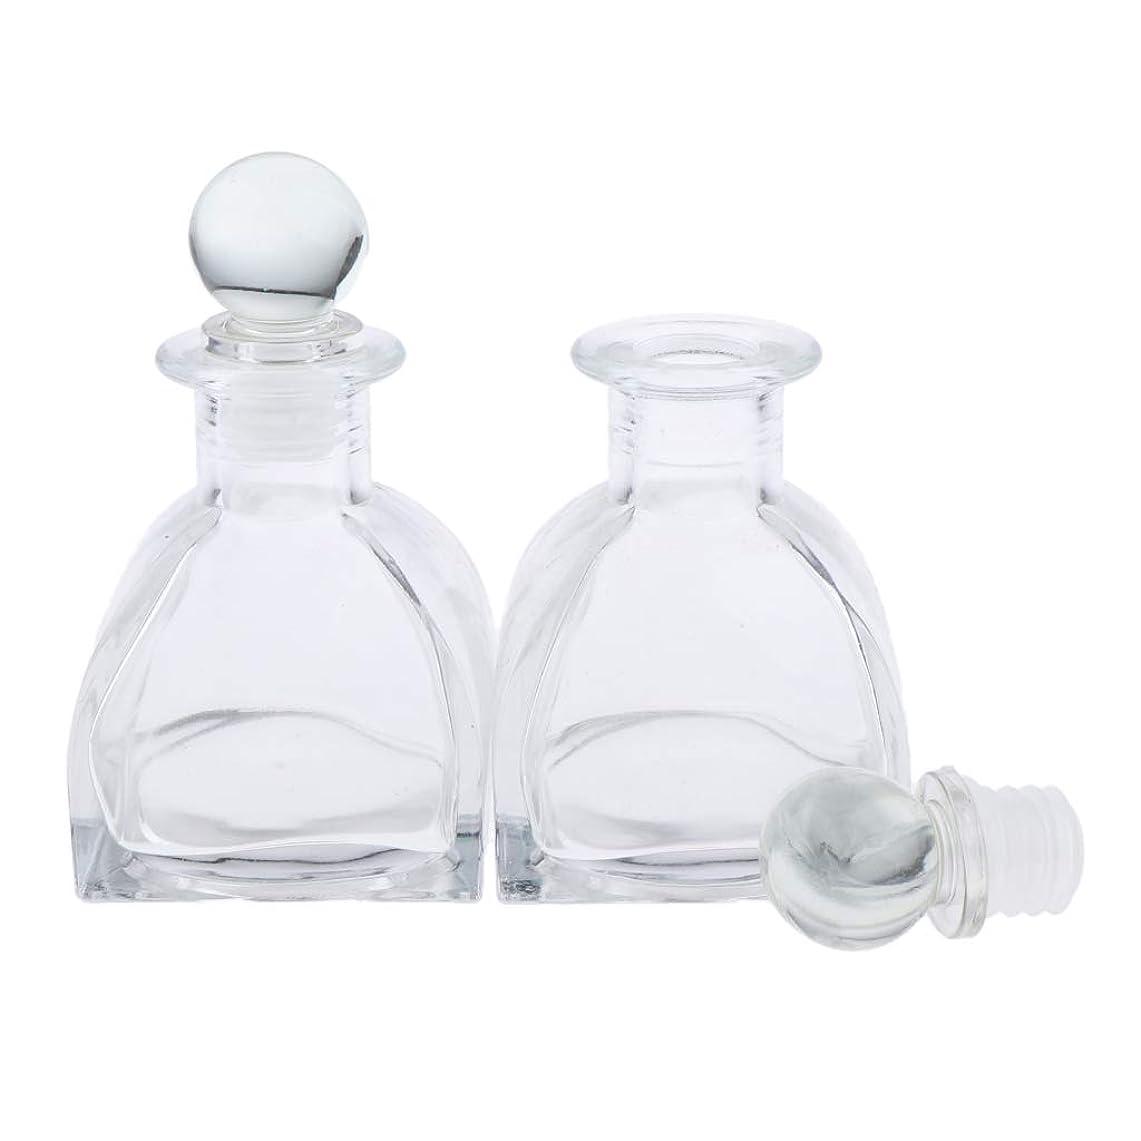 踊り子三十急襲P Prettyia 2個 香水ディフューザーボトル DIY リードエッセンシャルオイル ガラスディフューザー瓶 3サイズ選べ - 130ミリリットル